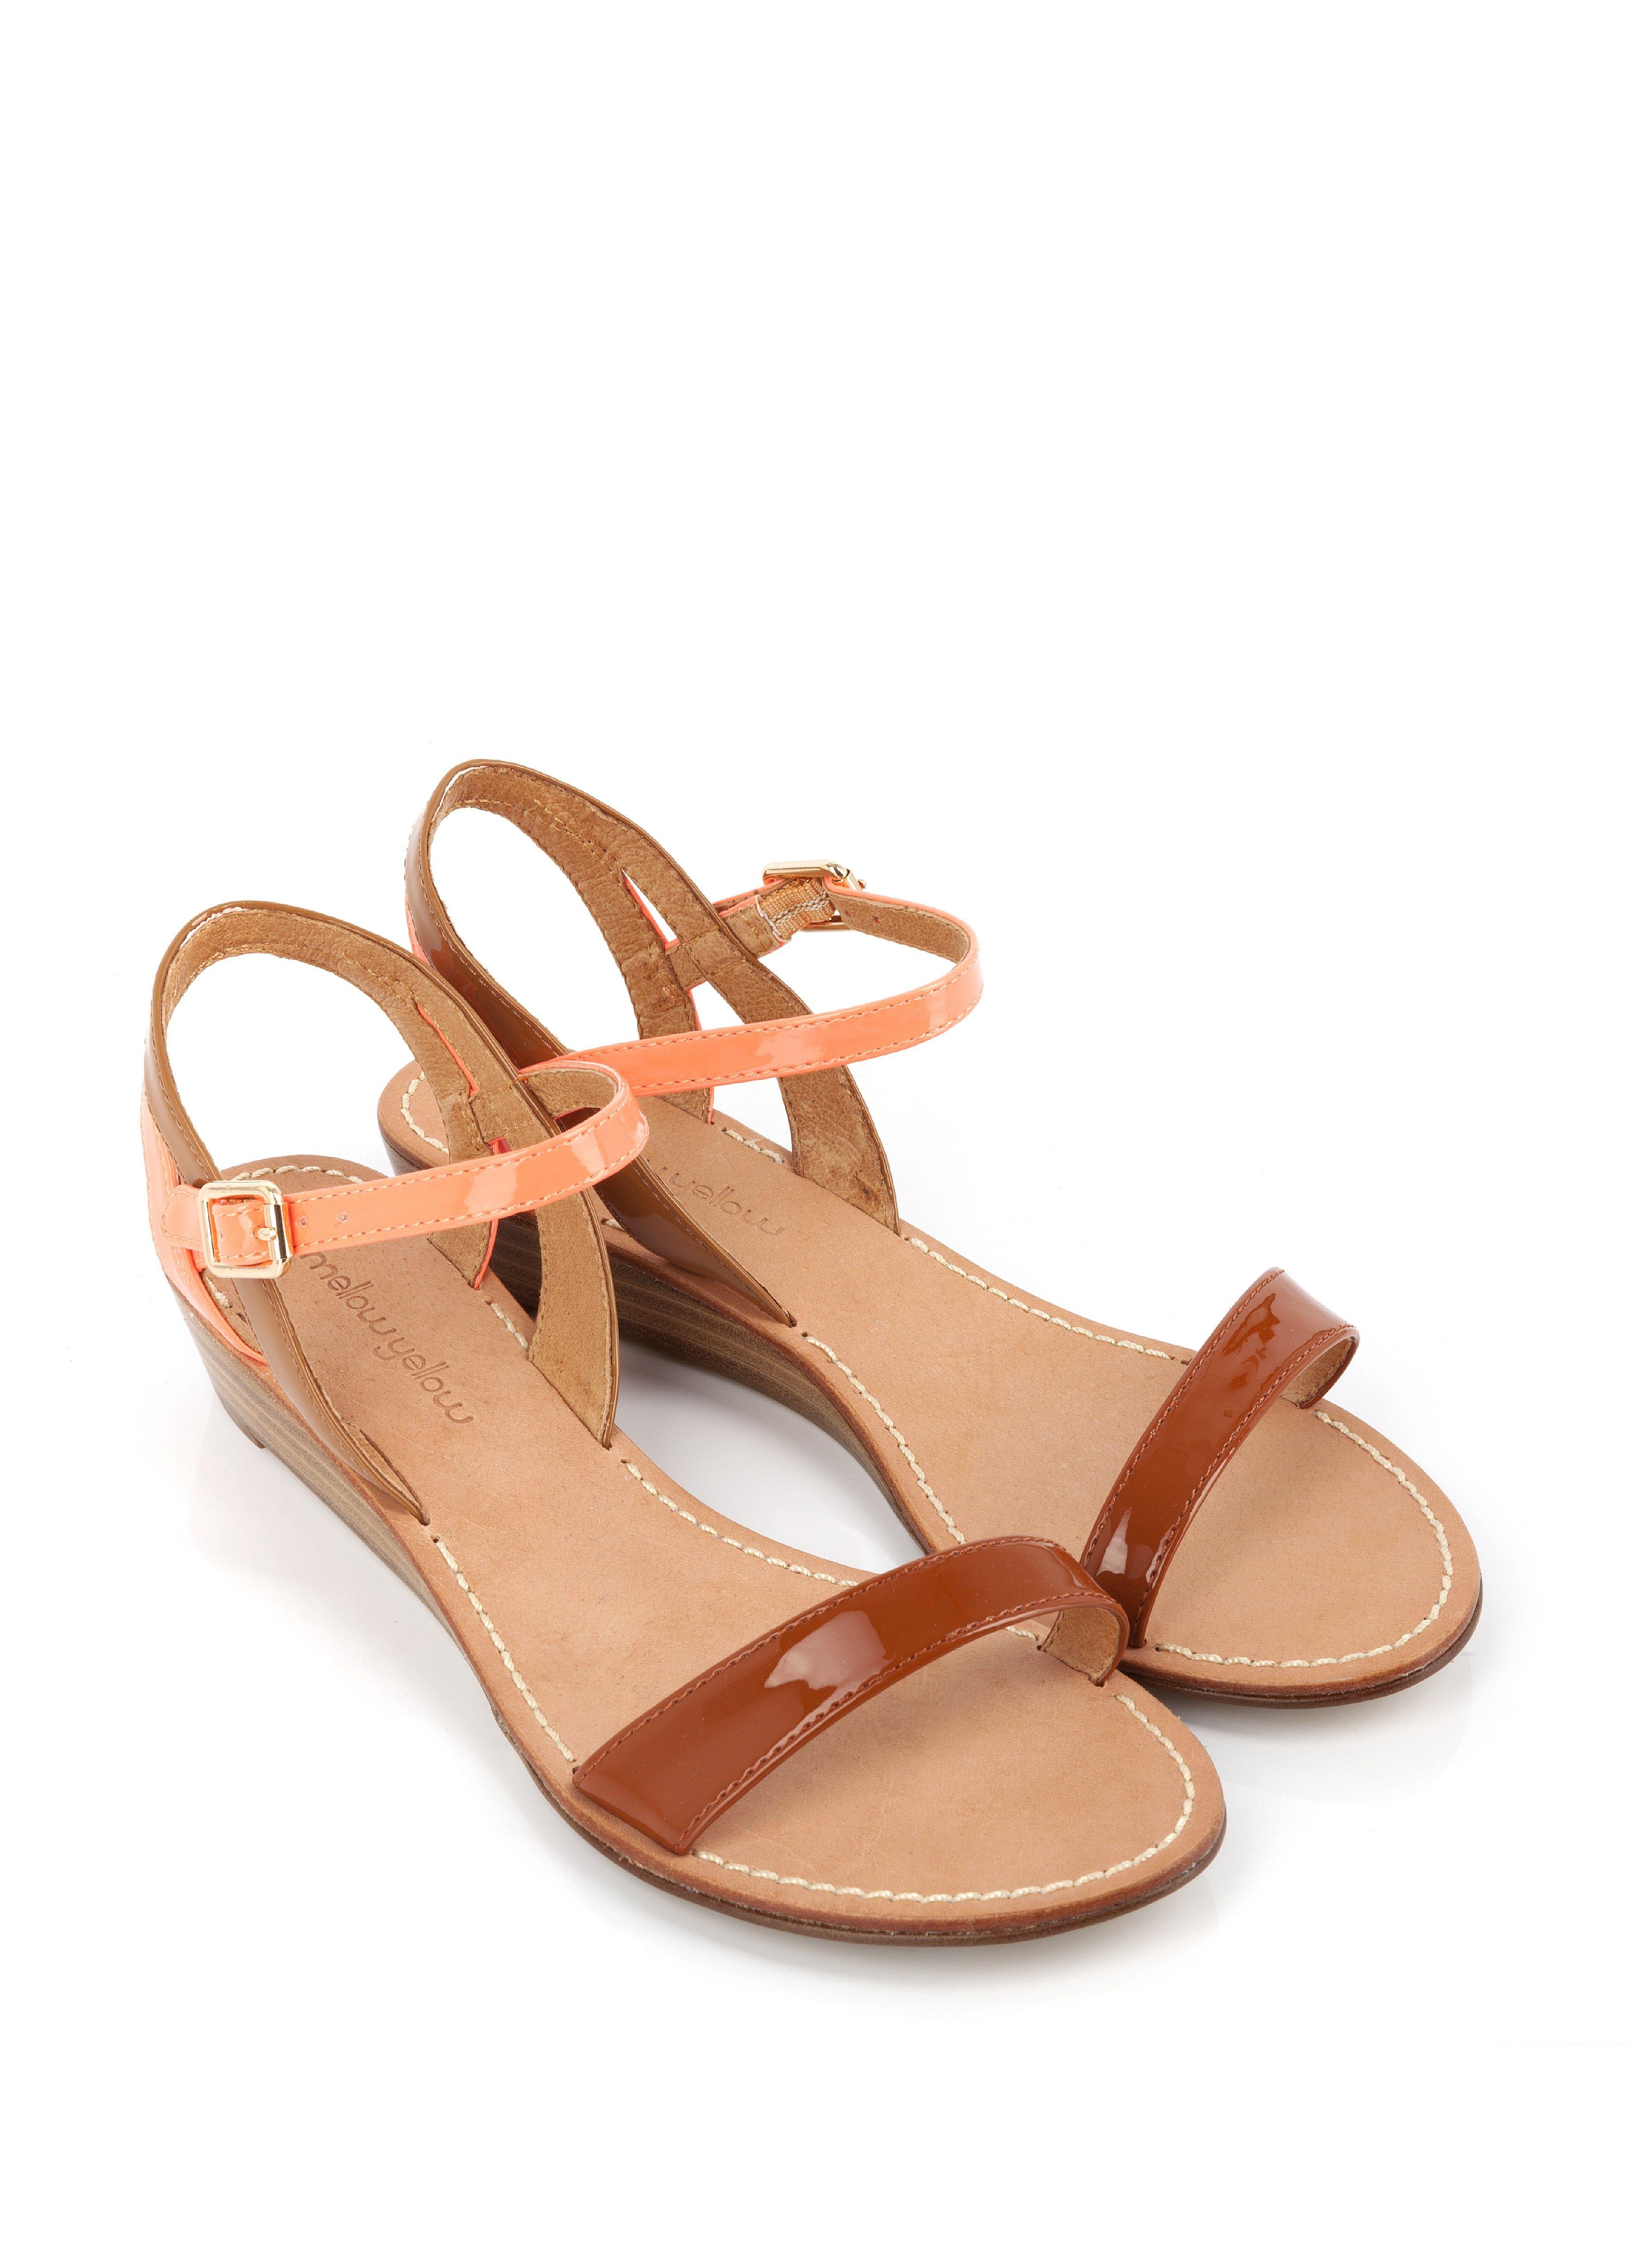 sandale compens e valentin camel femme chaussures shoes pinterest chameau et assiettes. Black Bedroom Furniture Sets. Home Design Ideas